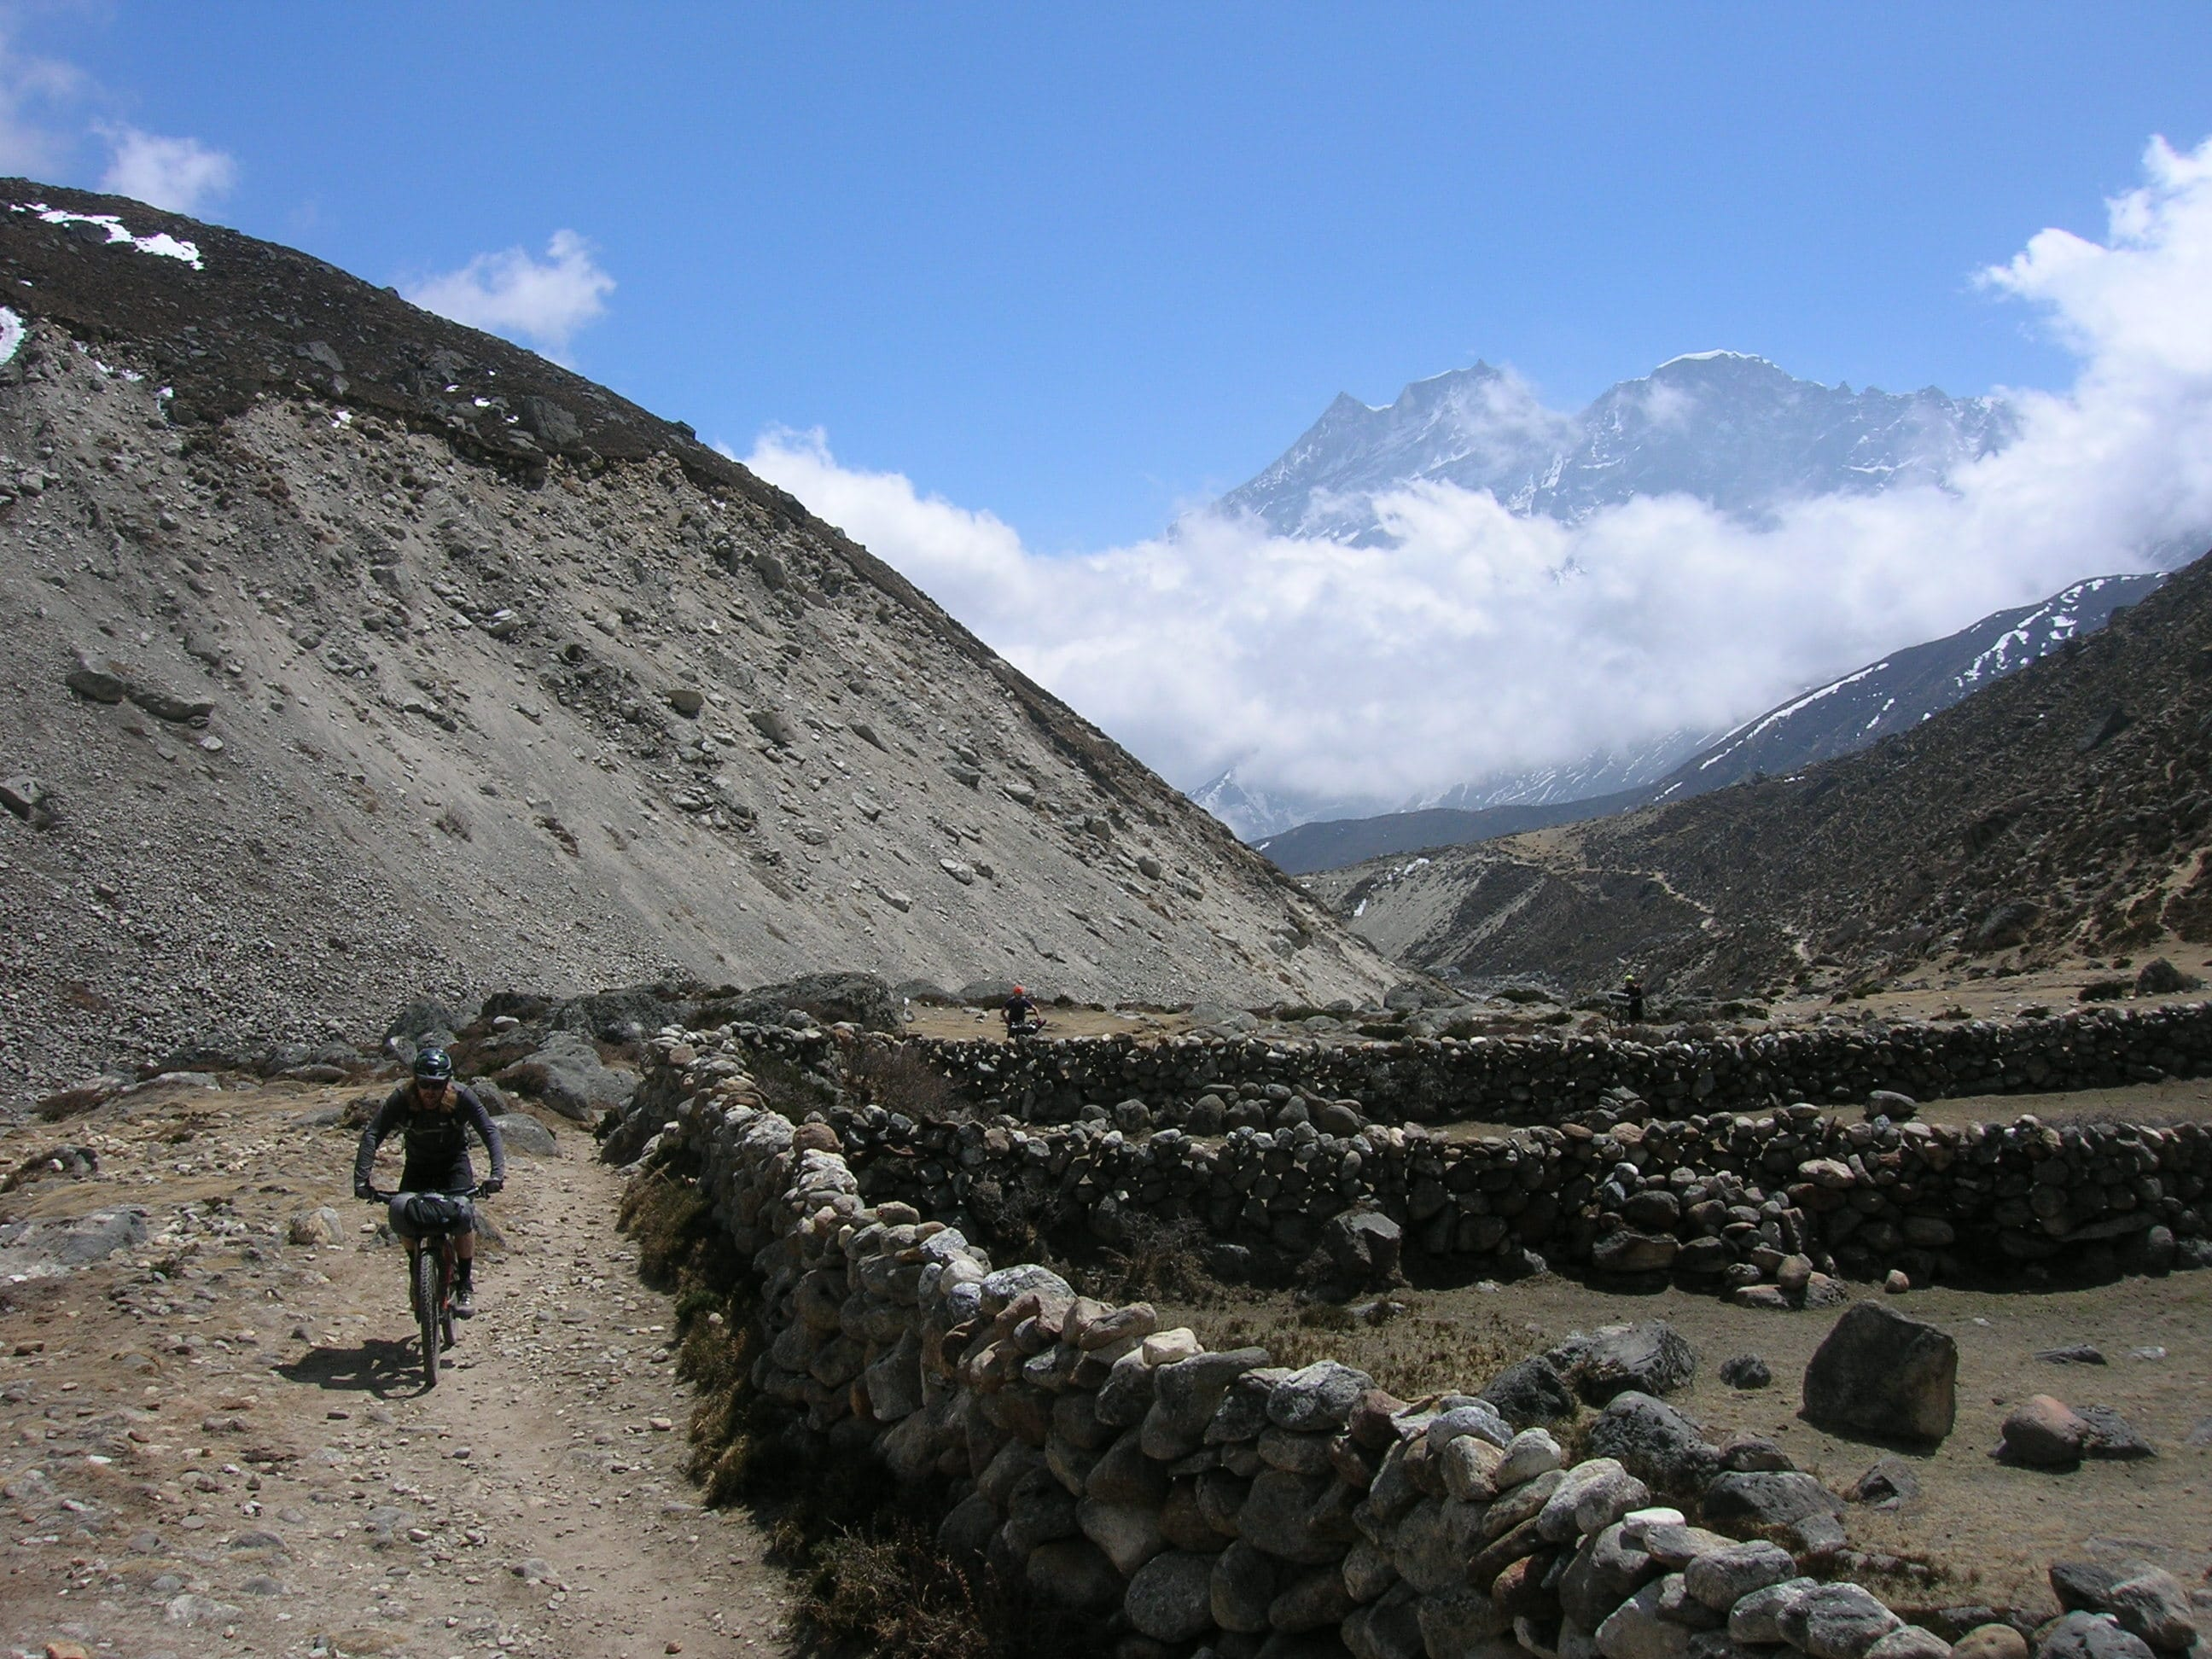 James Olsen - Nepal